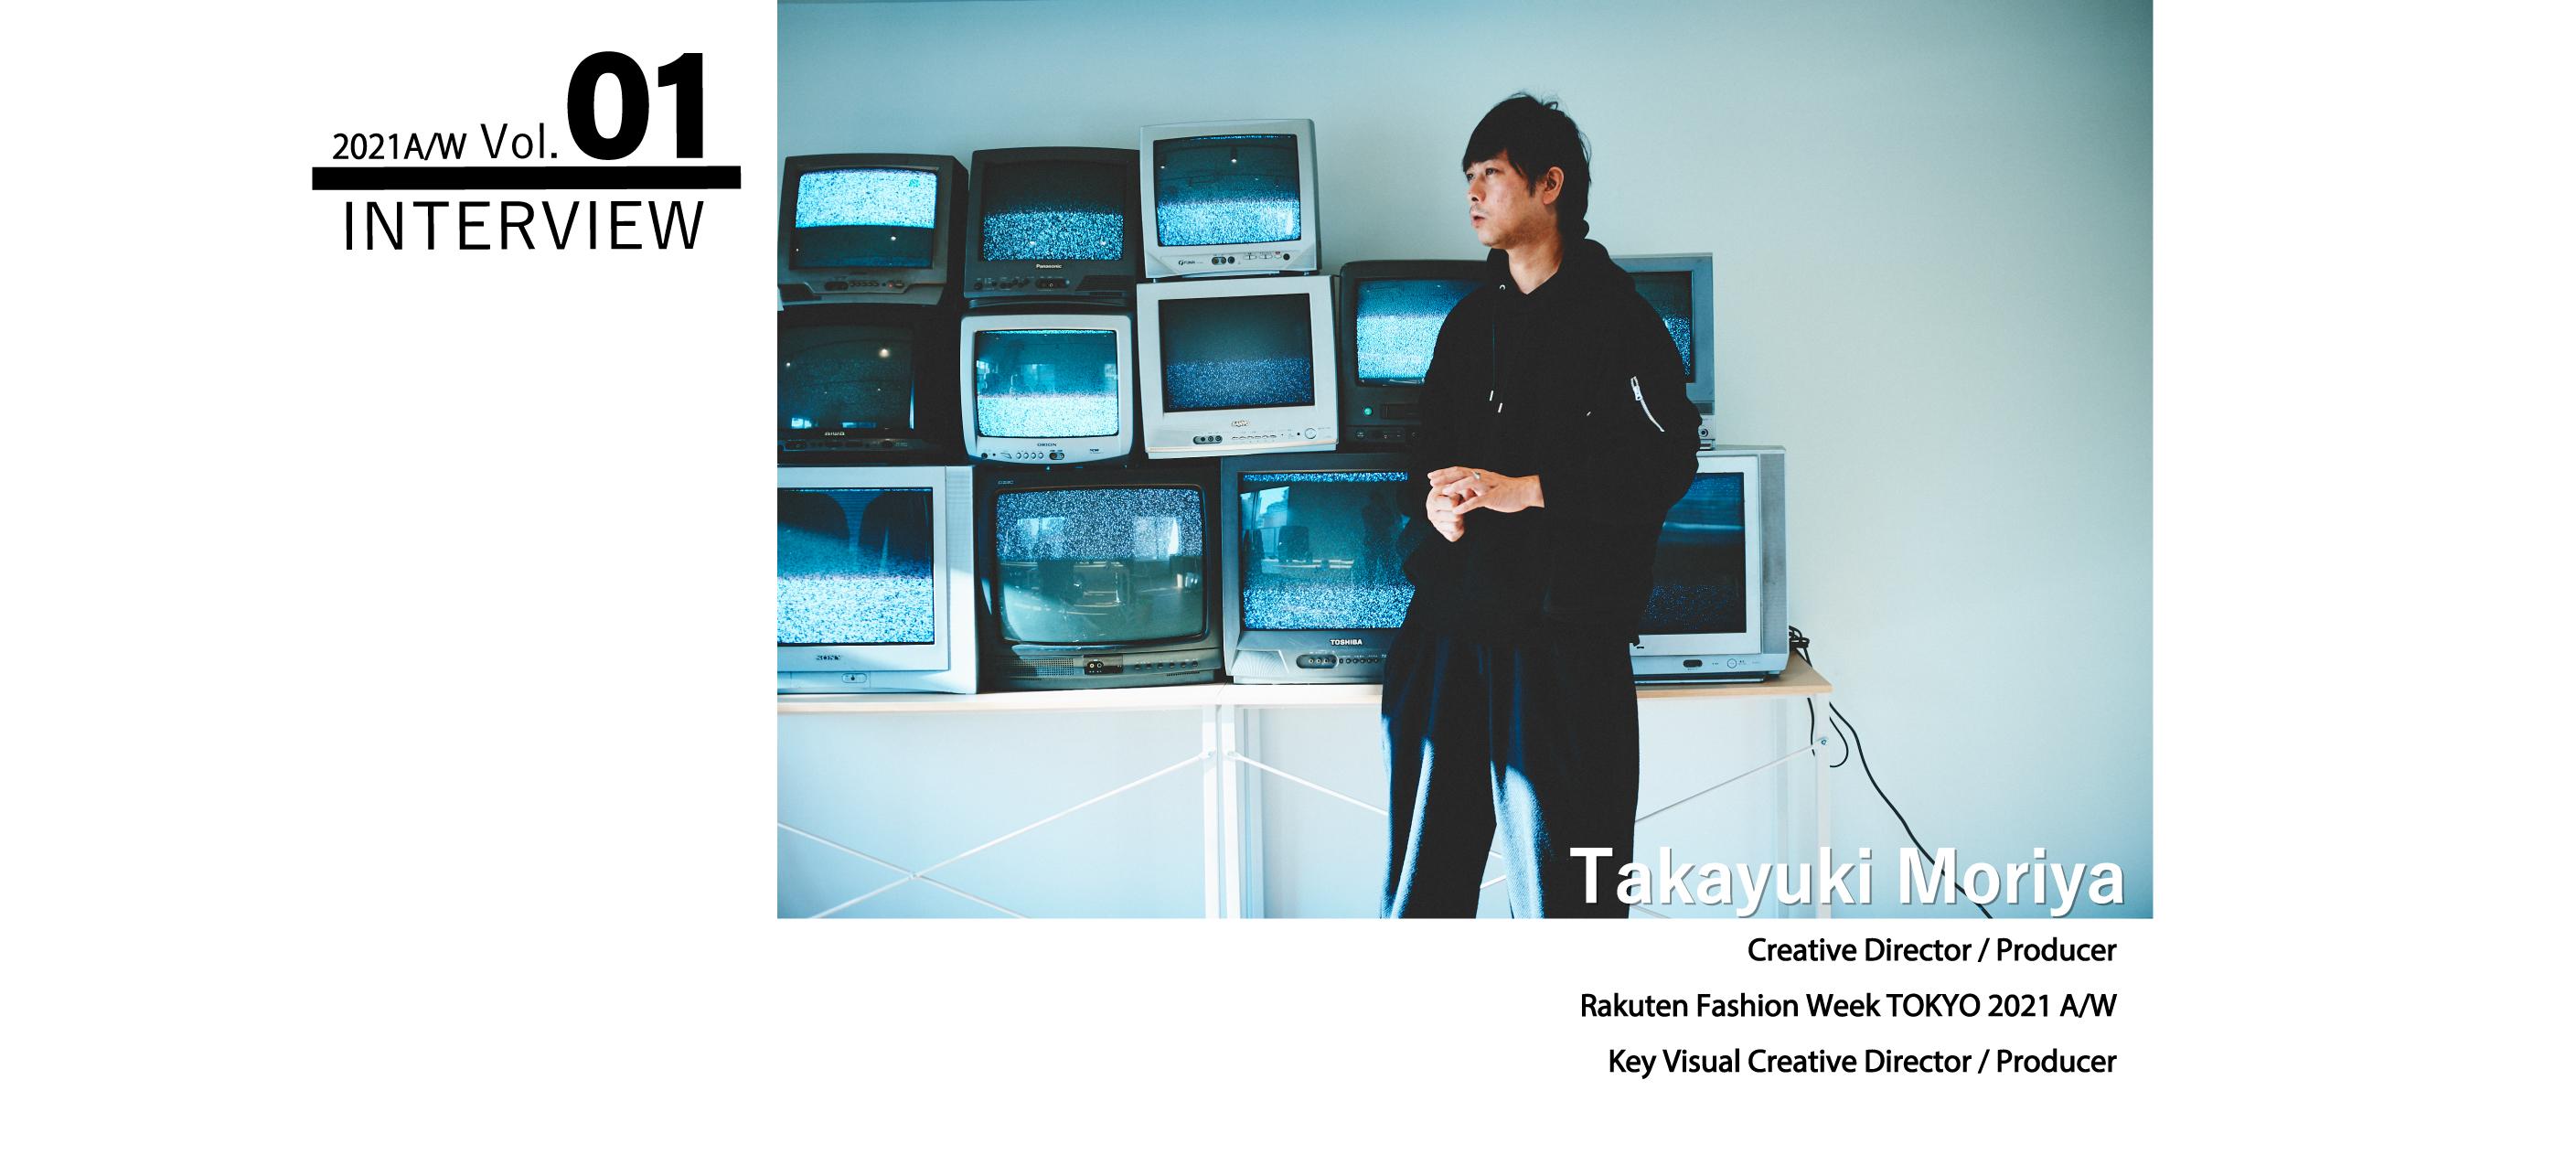 守屋 貴行 Takayuki Moriya